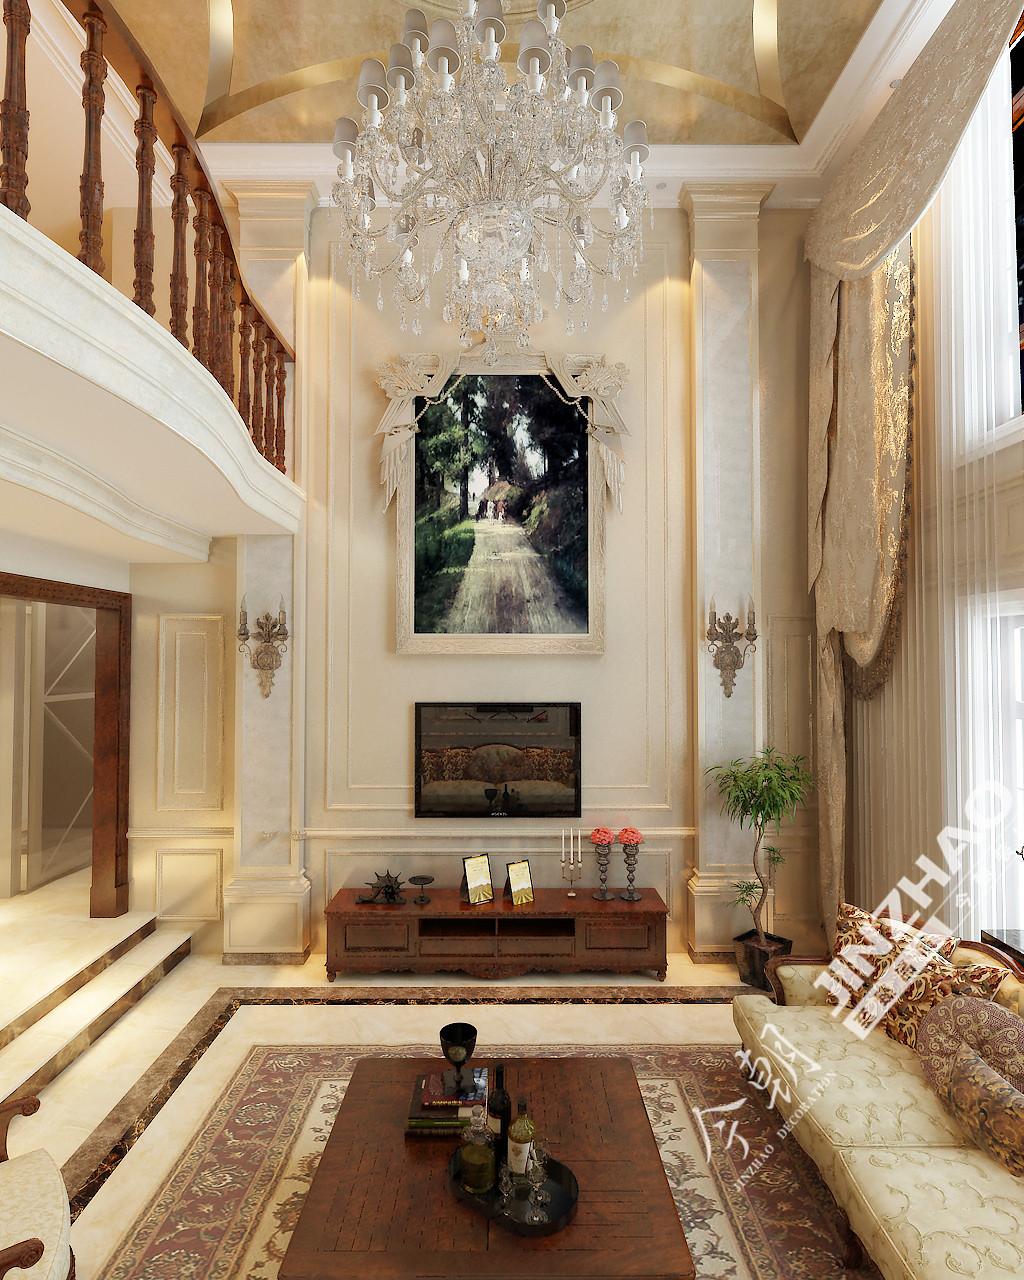 今朝装饰 原河名墅 奢华欧式 别墅 客厅图片来自石家庄今朝装饰在原河名墅450平欧式风格的分享